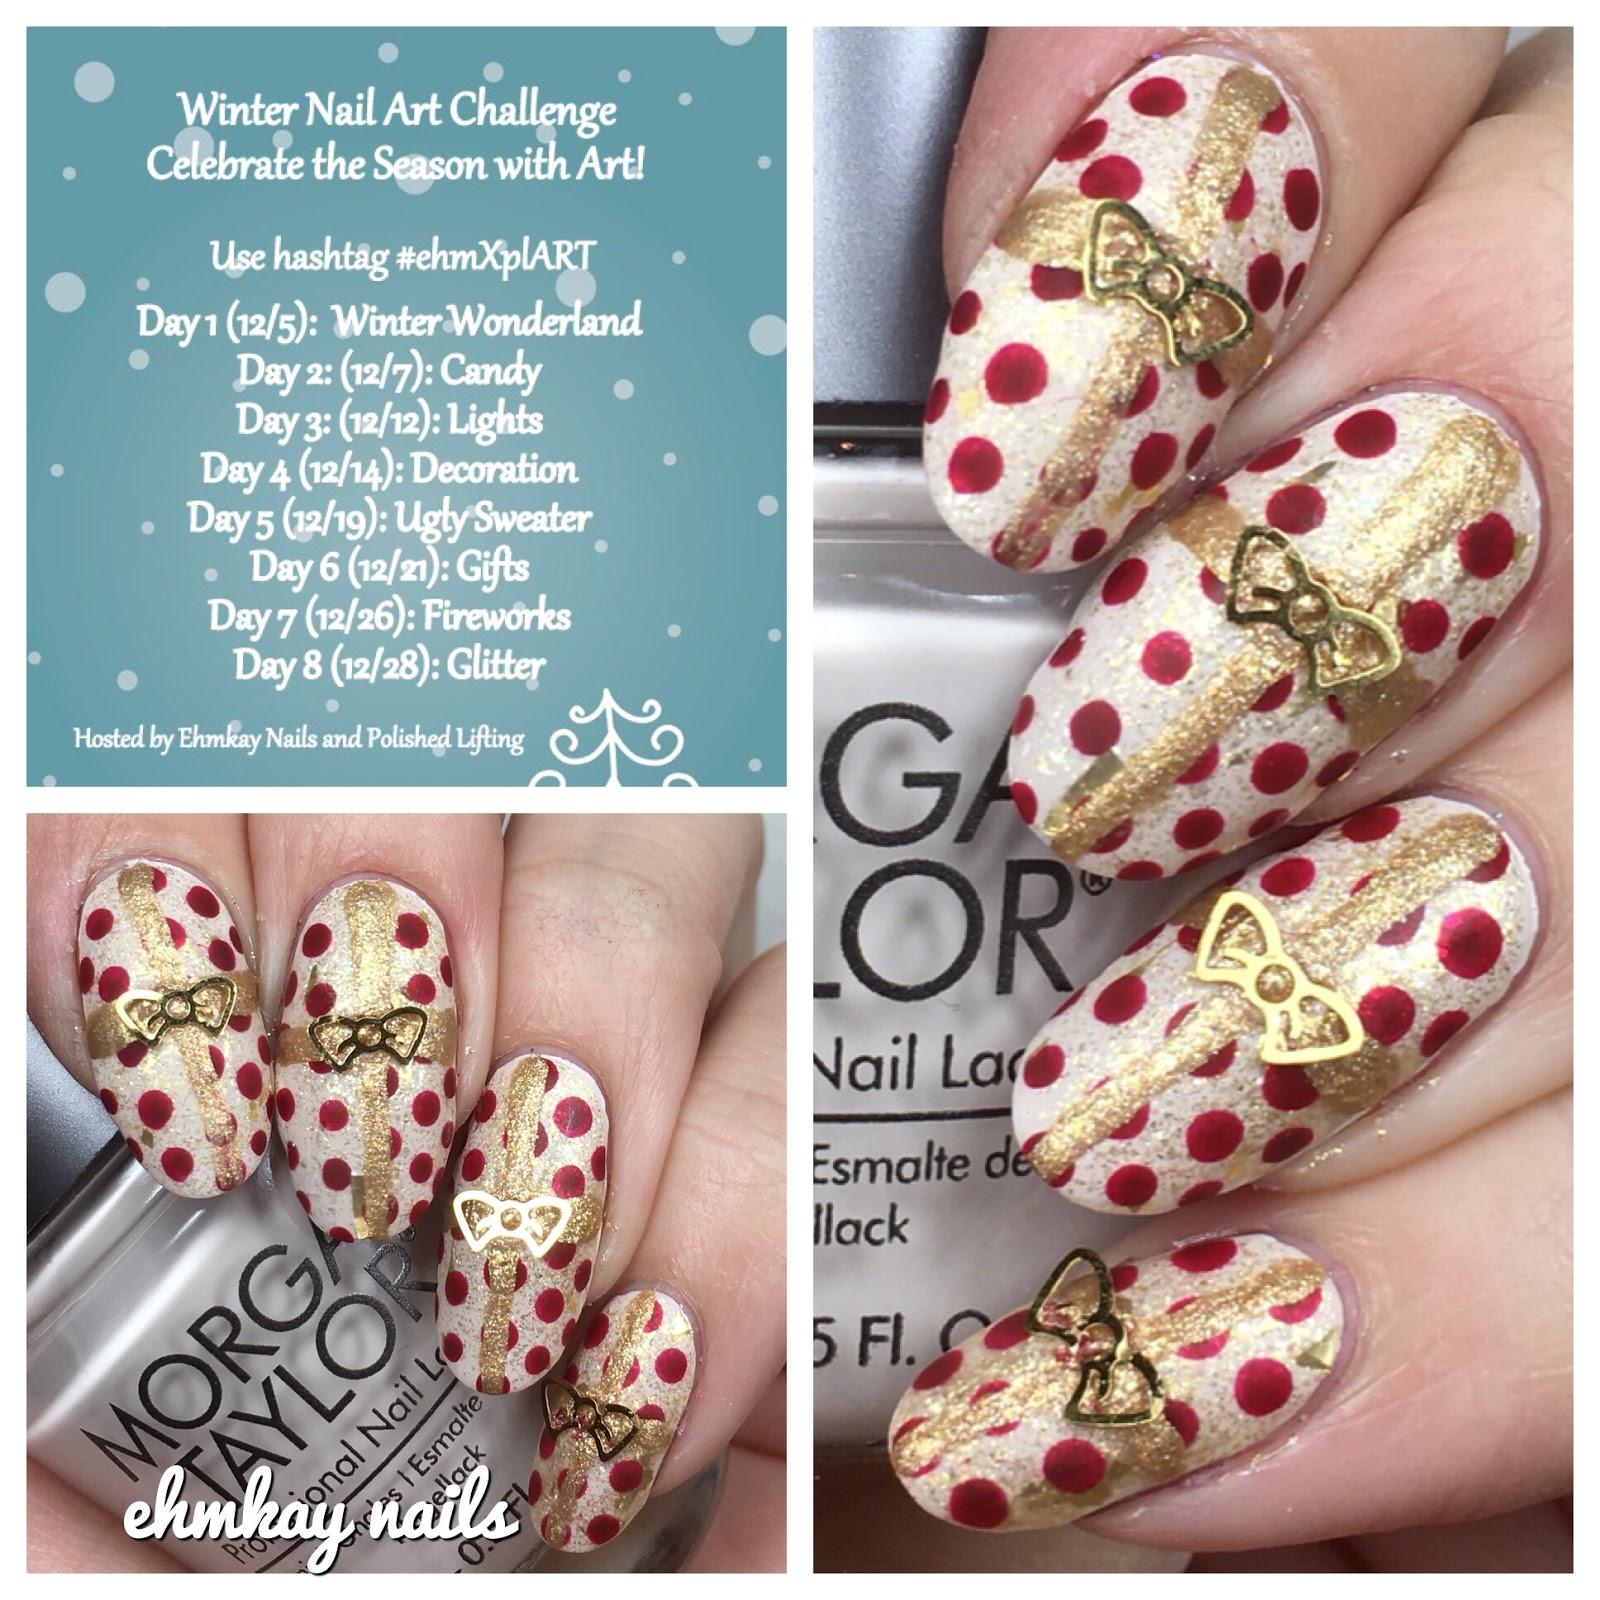 ehmkay nails: Winter Nail Art Challenge: Gift Wrap Nail Art